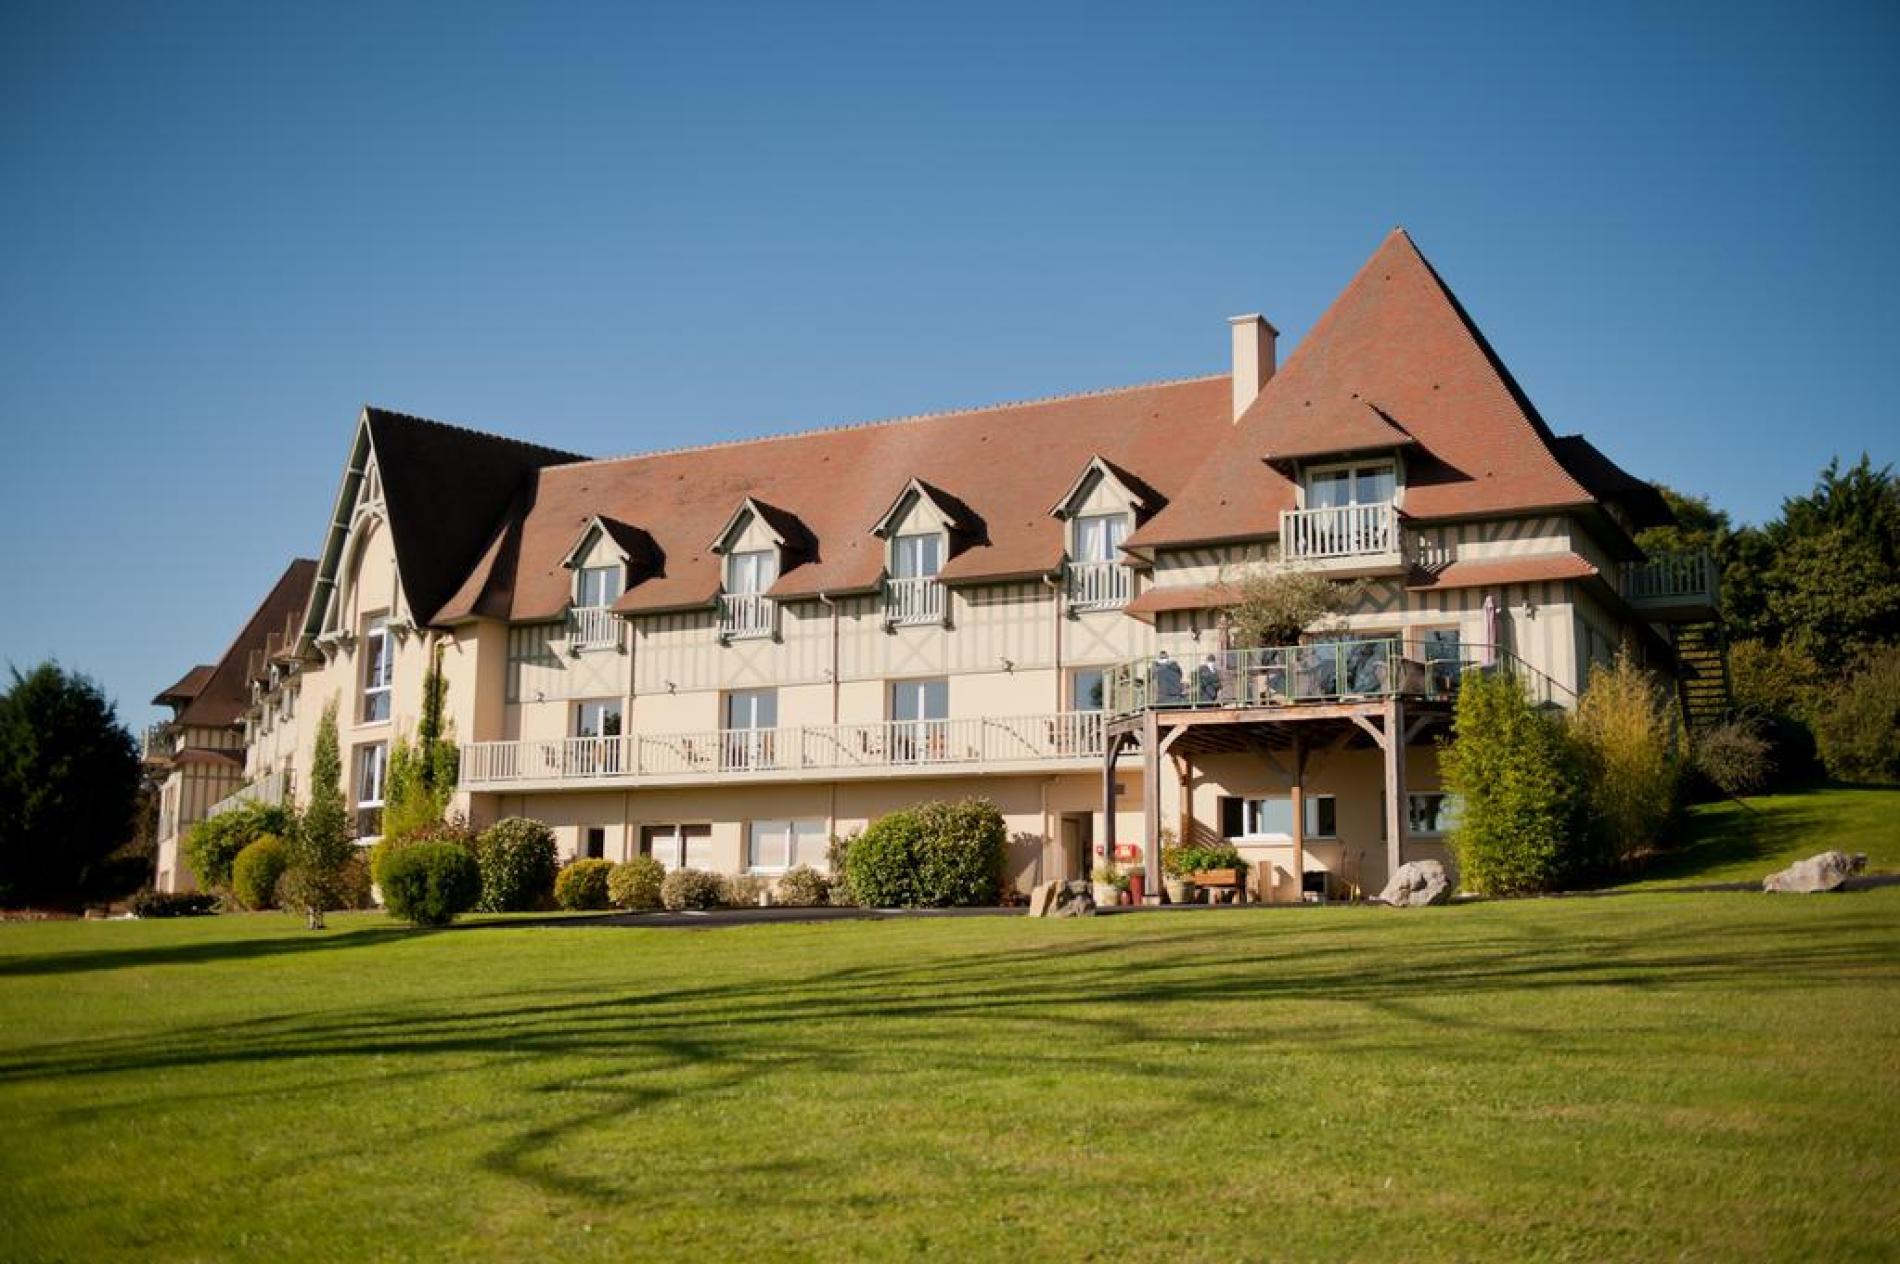 Hôtel de charme proche Deauville avec piscine intérieure